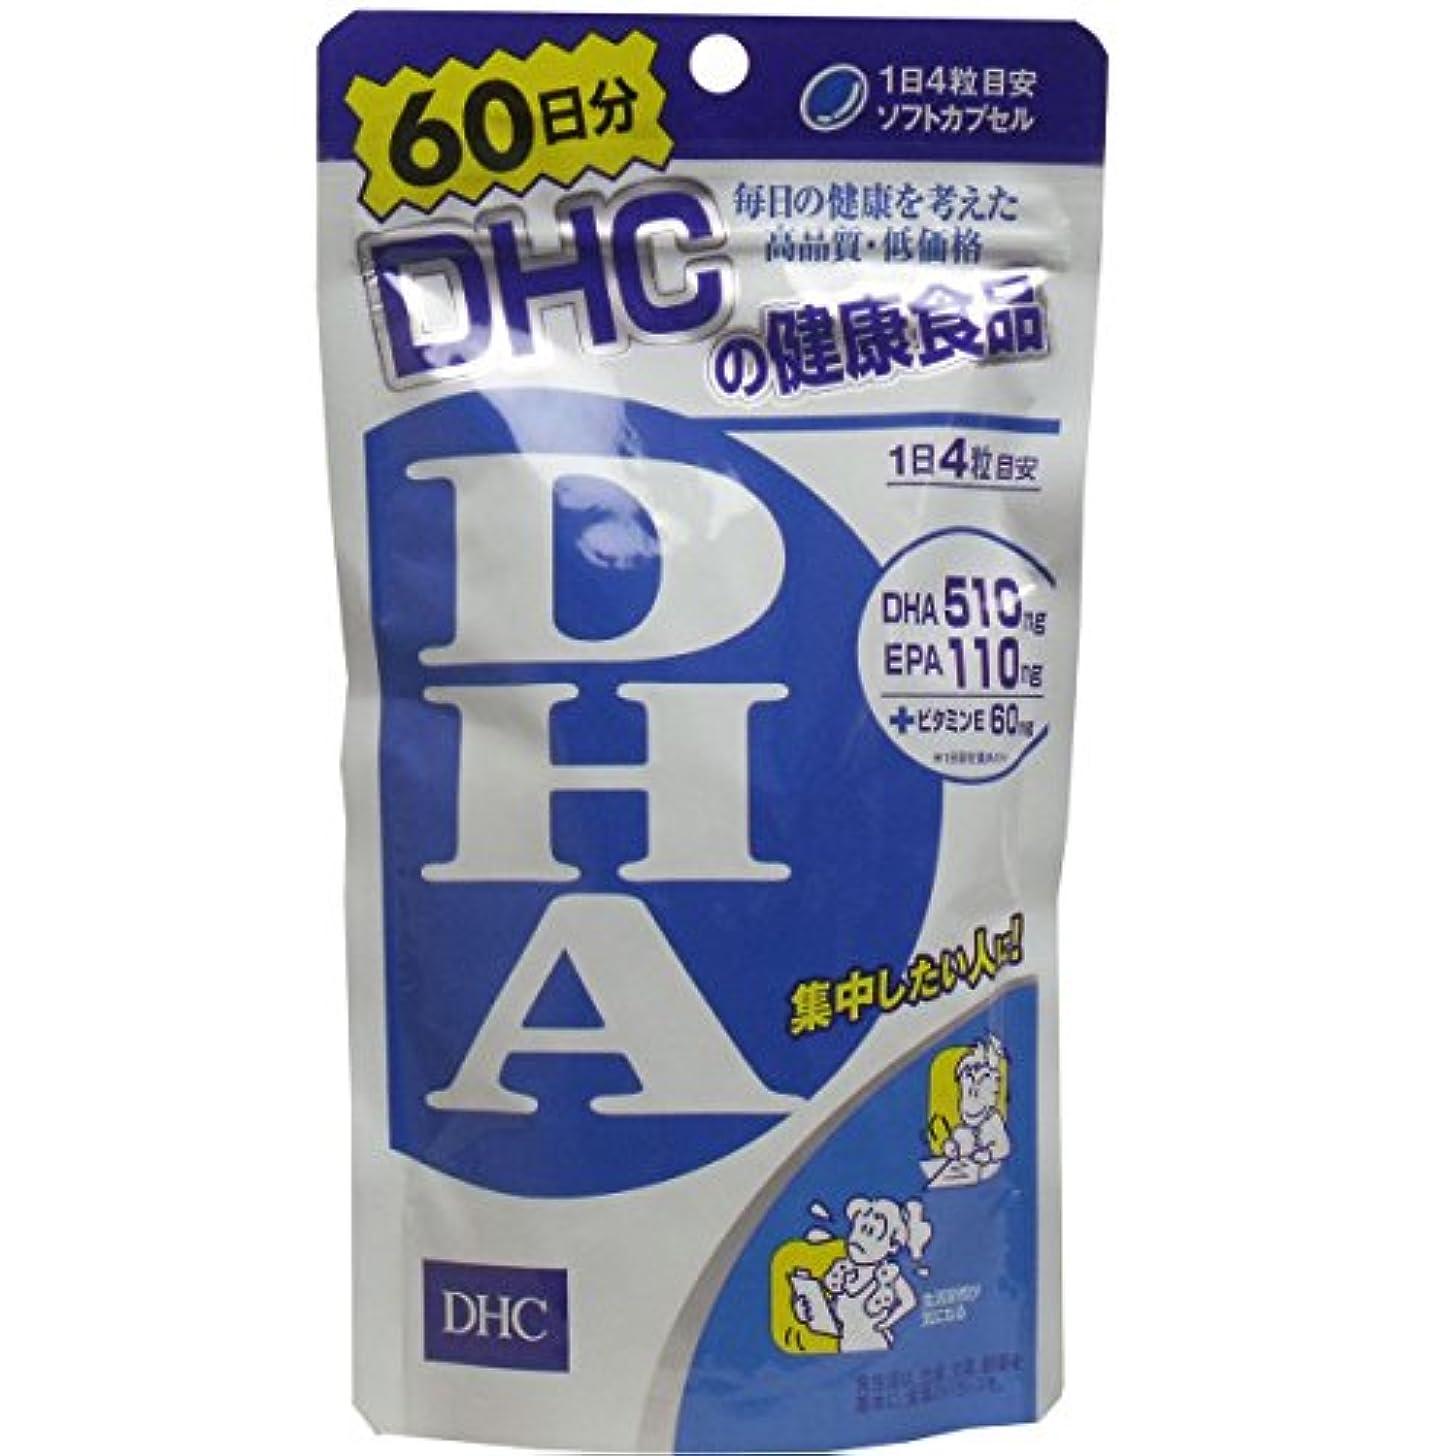 カロリーベリ完璧な<お得な2個パック>DHC DHA 60日分 240粒入り×2個